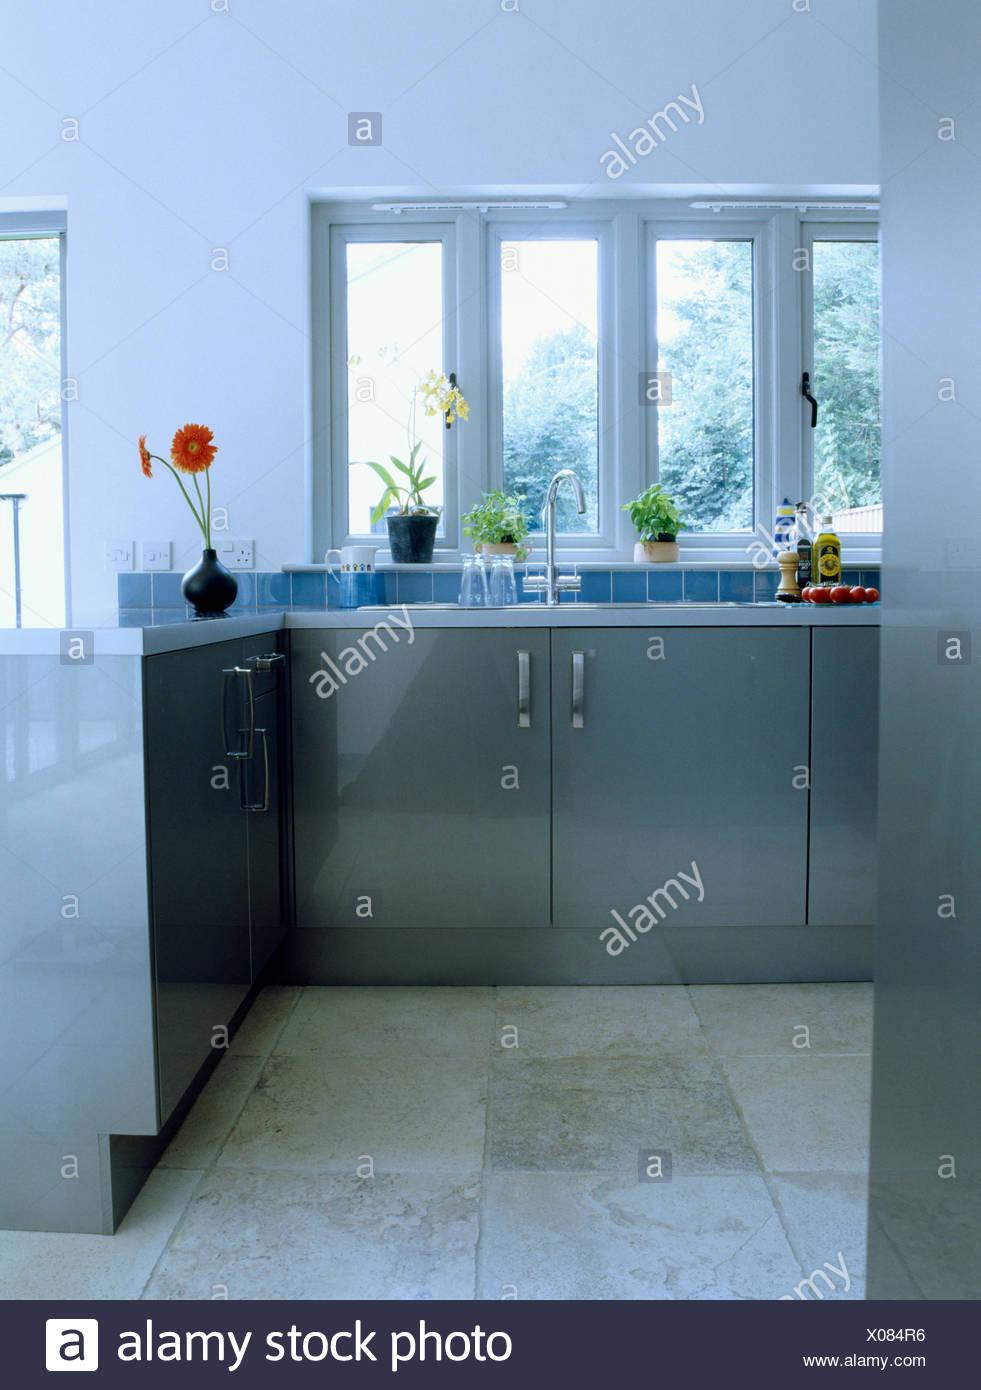 Las unidades montadas de color gris pálido y suelos de piedra caliza en la  moderna cocina df10641df7c6